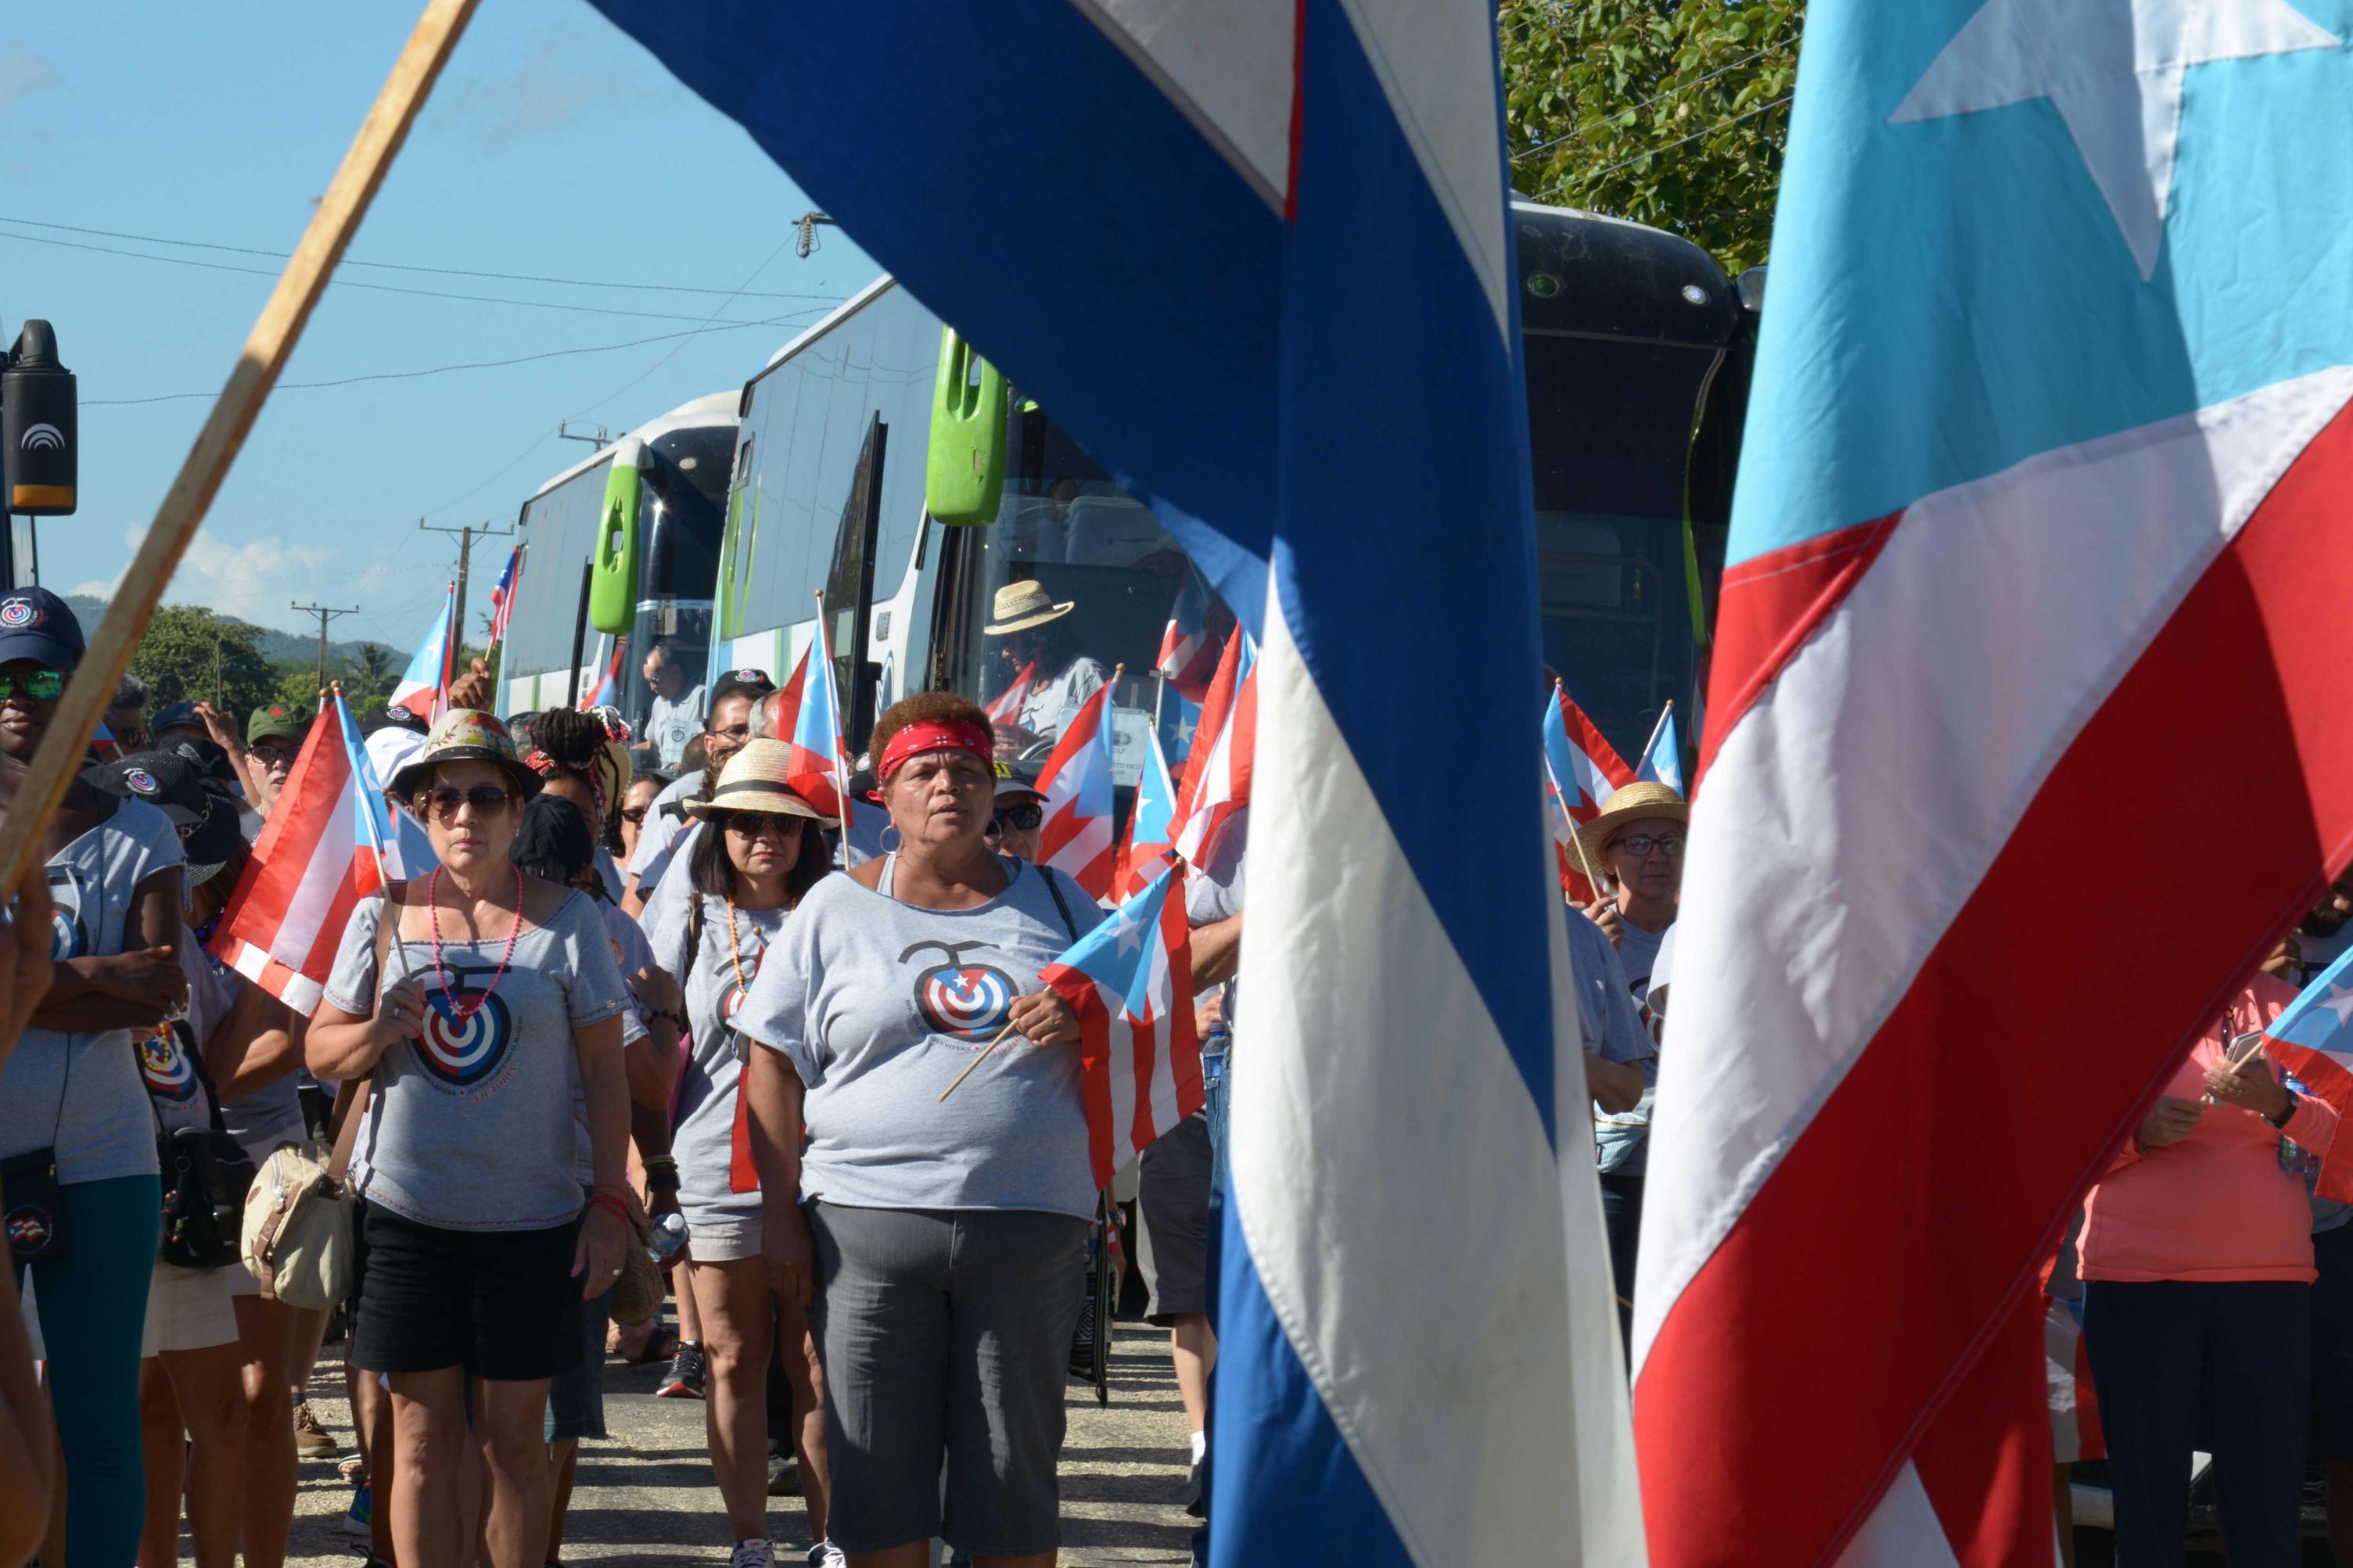 solidaridad, juan rius rivera, puerto rico, sancti spíritus en 26, sancti spíritus, cuba